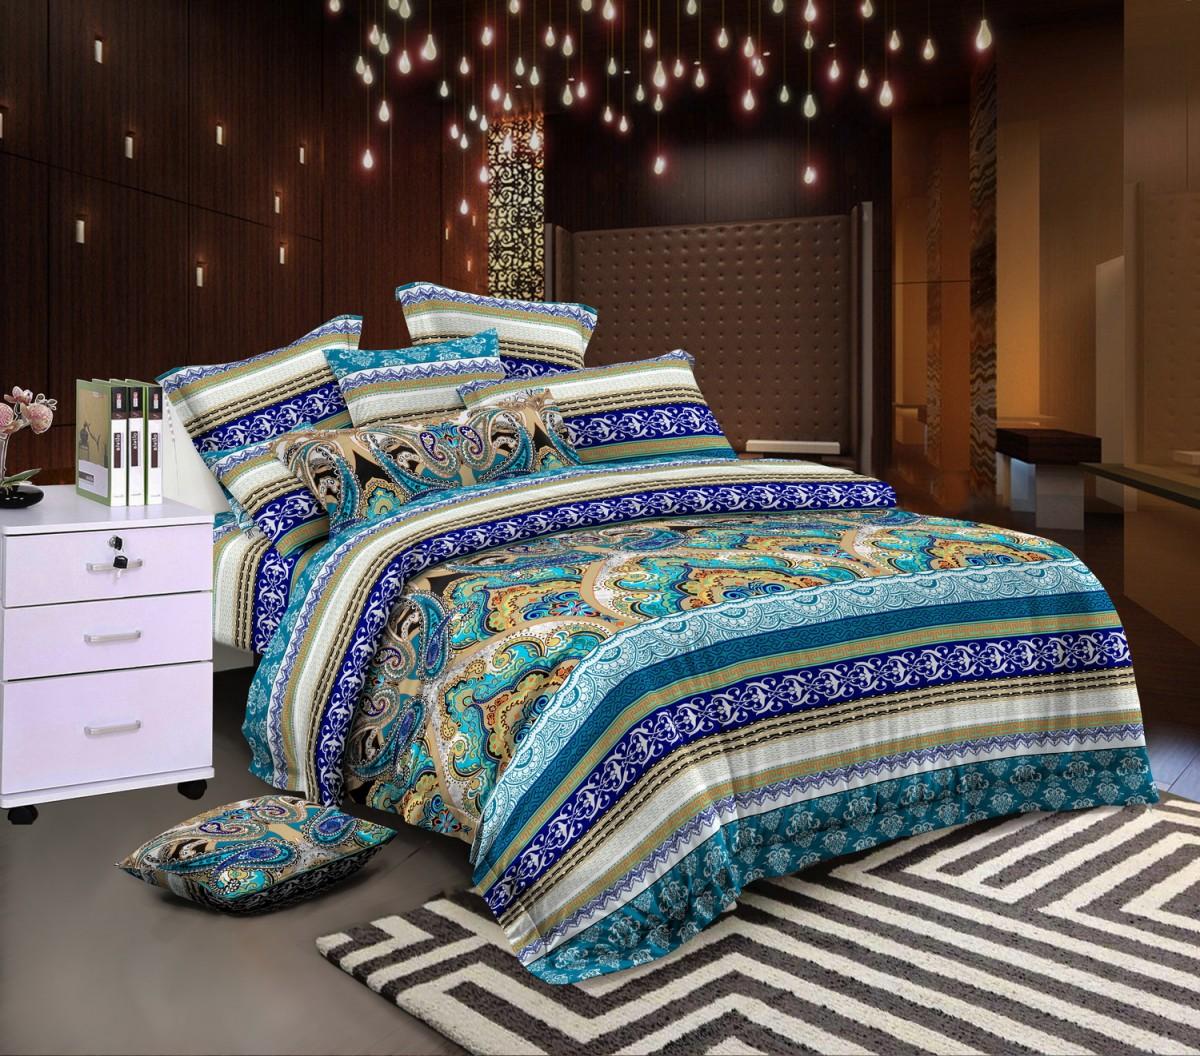 Сбор заказов. ВЛ огромный выбор постельного белья. Расцветки на любой вкус. Отличные цены - 9